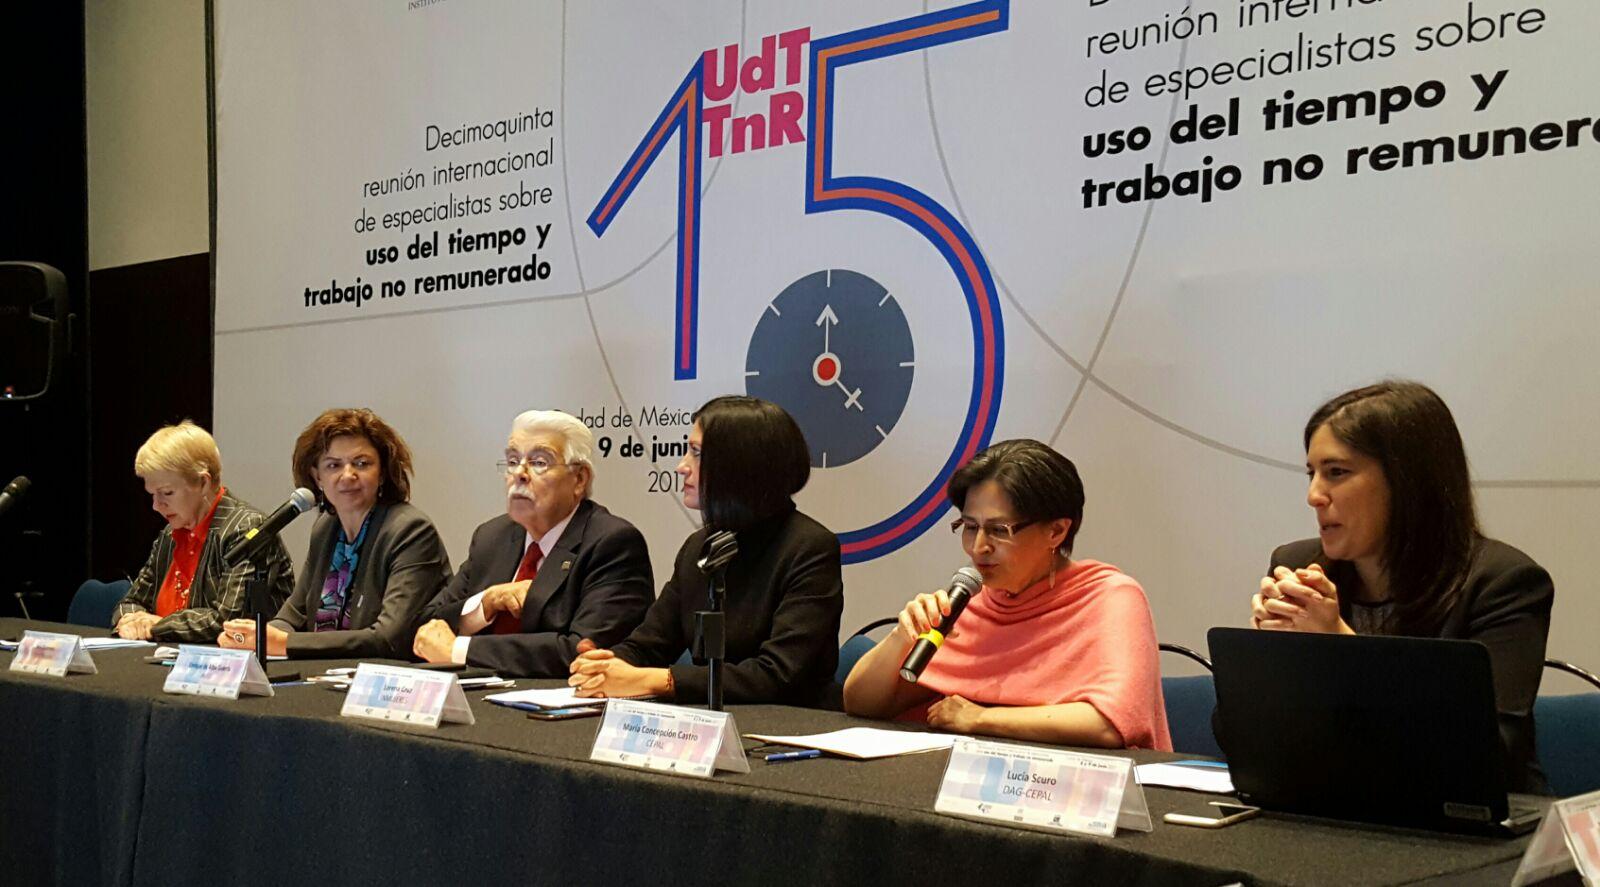 De izquierda a derecha: María Esther Pozo, de AMEXID; Ana Güezmes, de ONU Mujeres México; Enrique de Alba Guerra, de INEGI; Lorena Cruz, Presidenta de INMUJERES México; María Concepción Castro, Directora Adjunta de la Sede Subregional de la CEPAL en México; y Lucía Scuro, de la División de Asuntos de Género de la CEPAL.